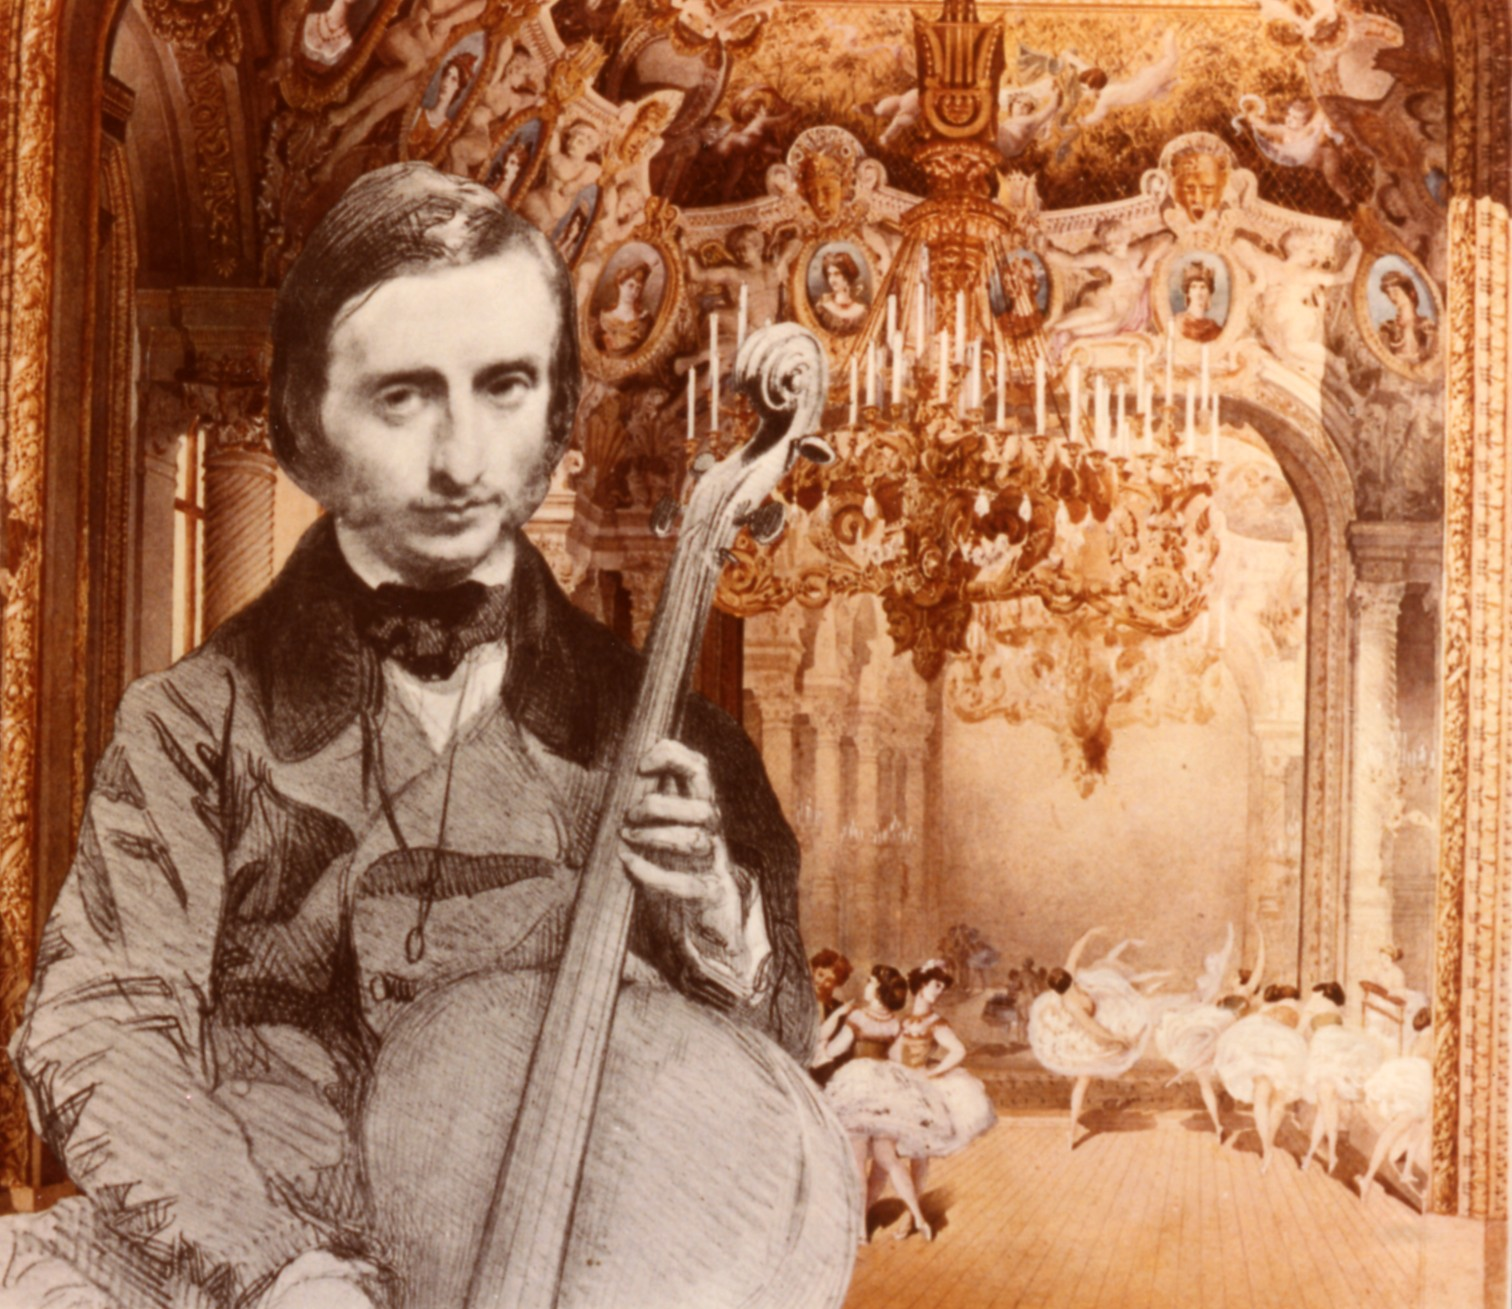 Offenbach-Violoncelliste-Les Foulées Mélomanes du Violoncelliste-Rire avec Offenbach-ParisBazaar-Berlingen